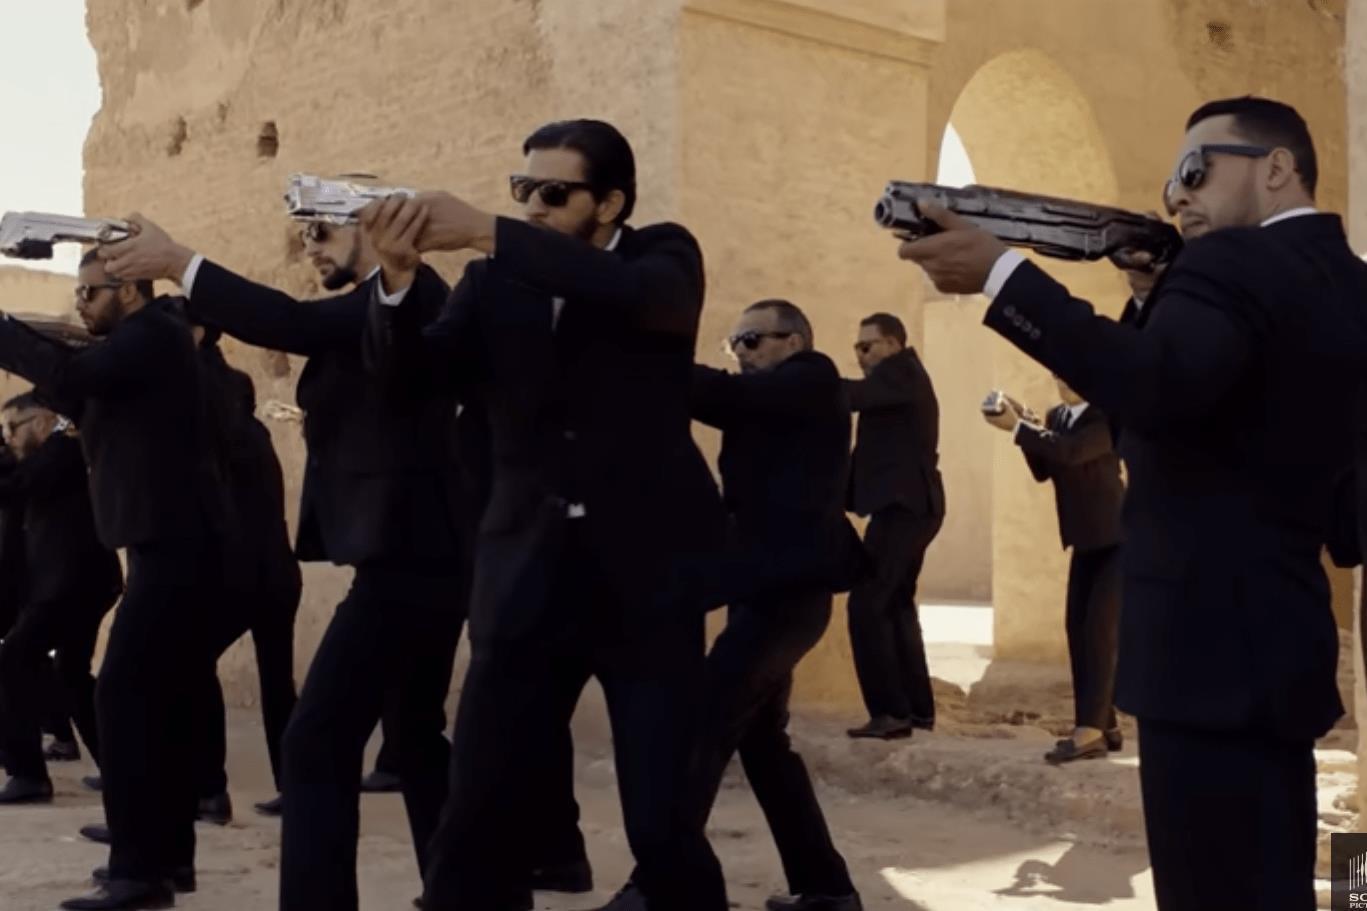 Phần phim mới Men In Black do Thần Sấm Chris Hemsworth đóng chính có gì đáng xem? - Hình 5